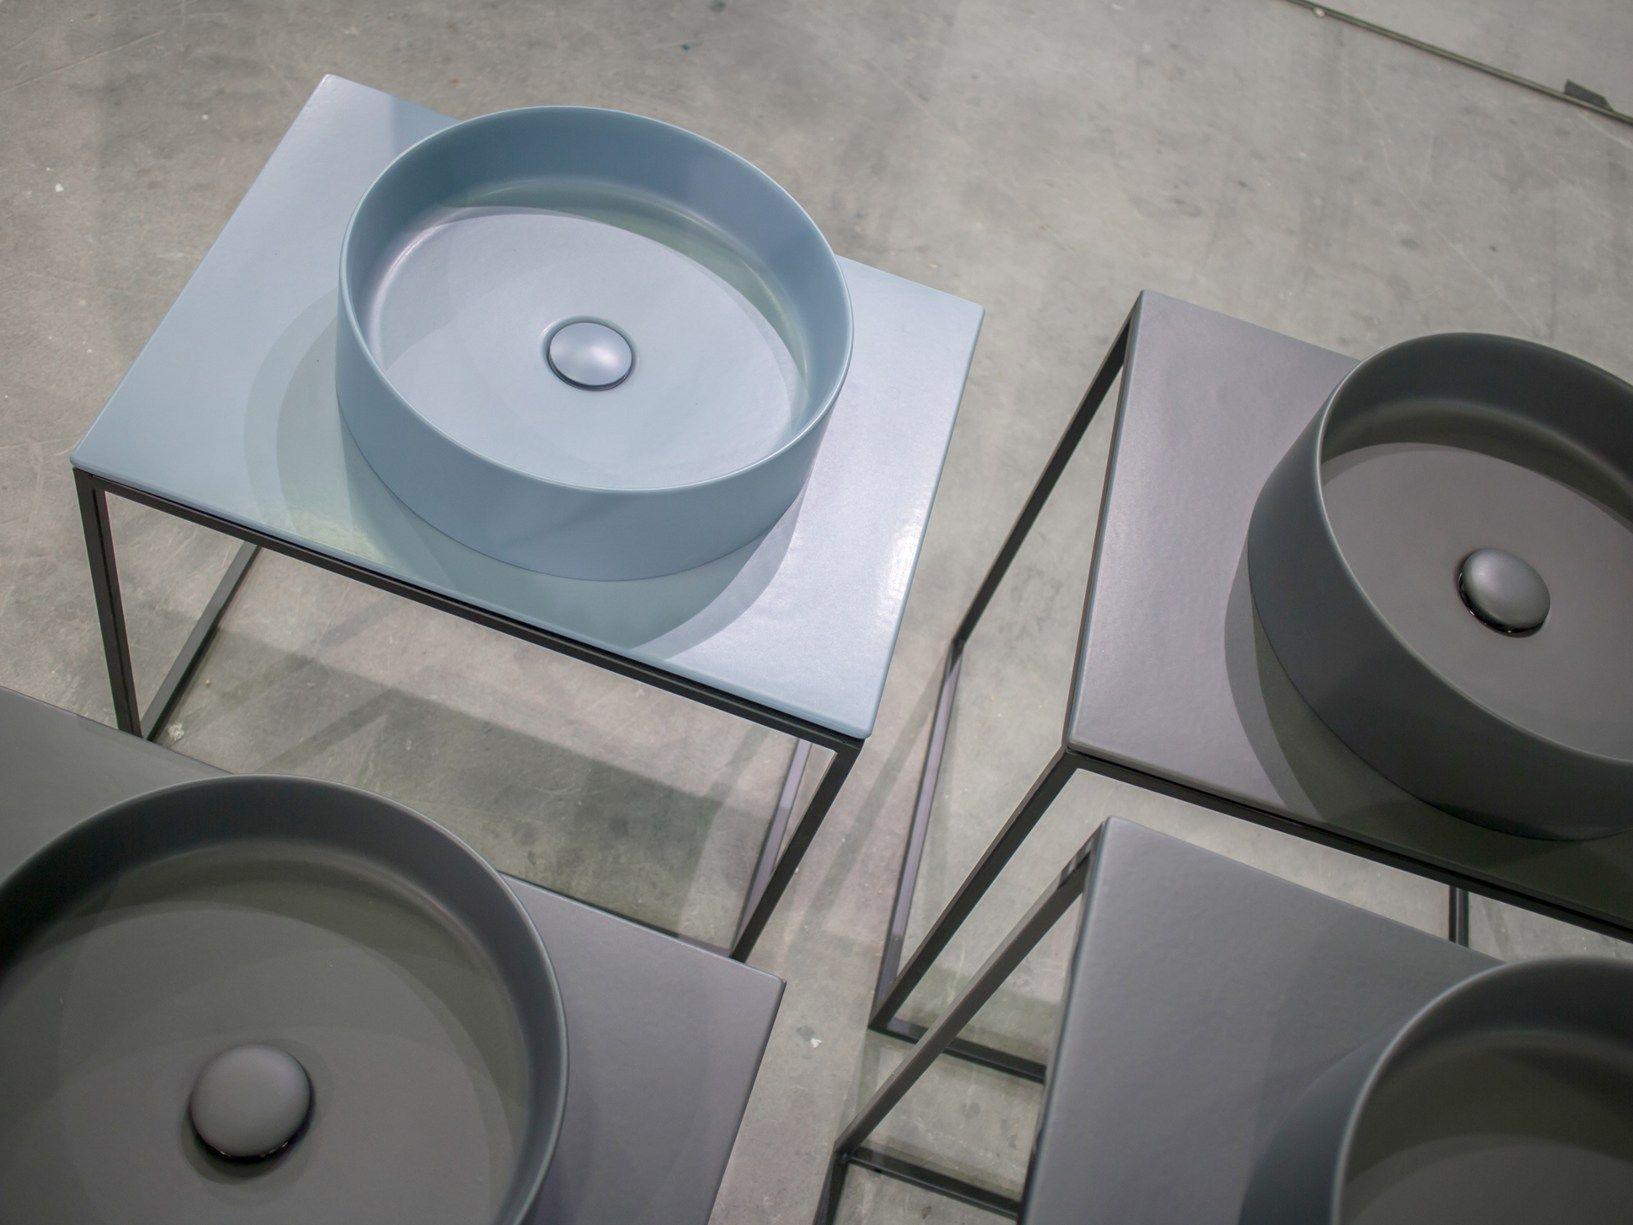 Ceramiche Galassia Piatti Doccia.La Ceramica Abbinata A Materiali Diversi